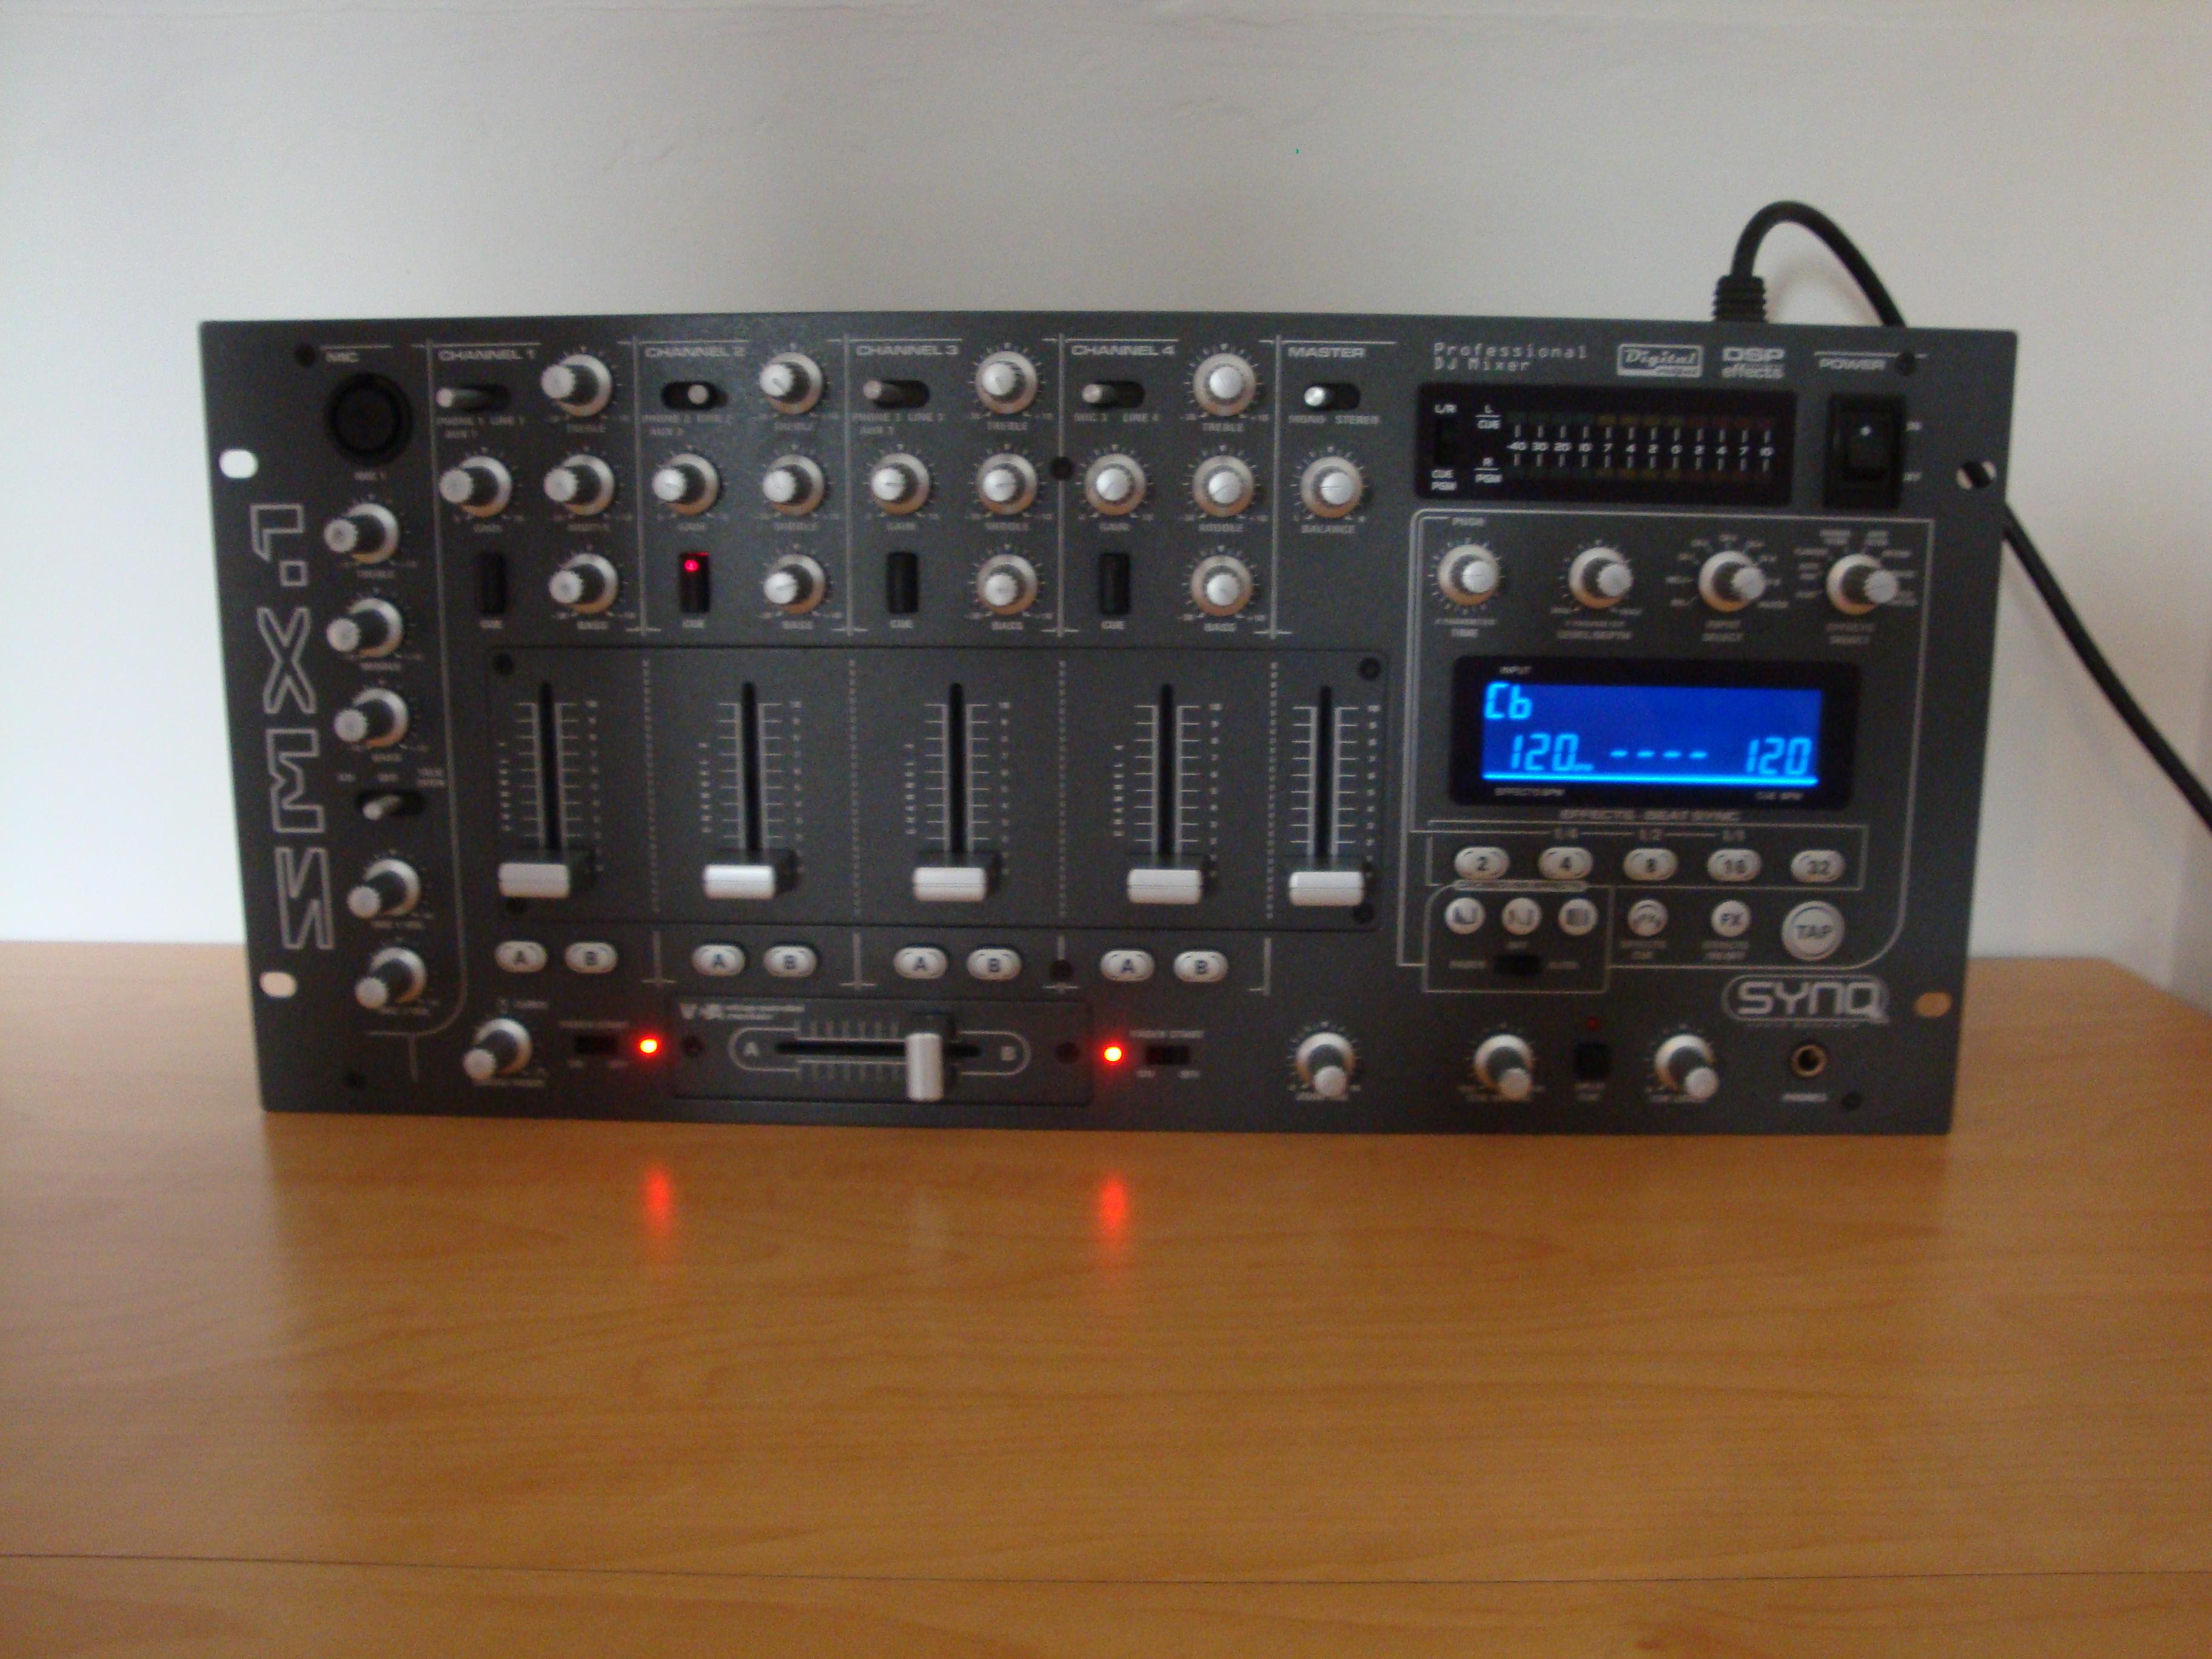 table de mixage synq smx 1